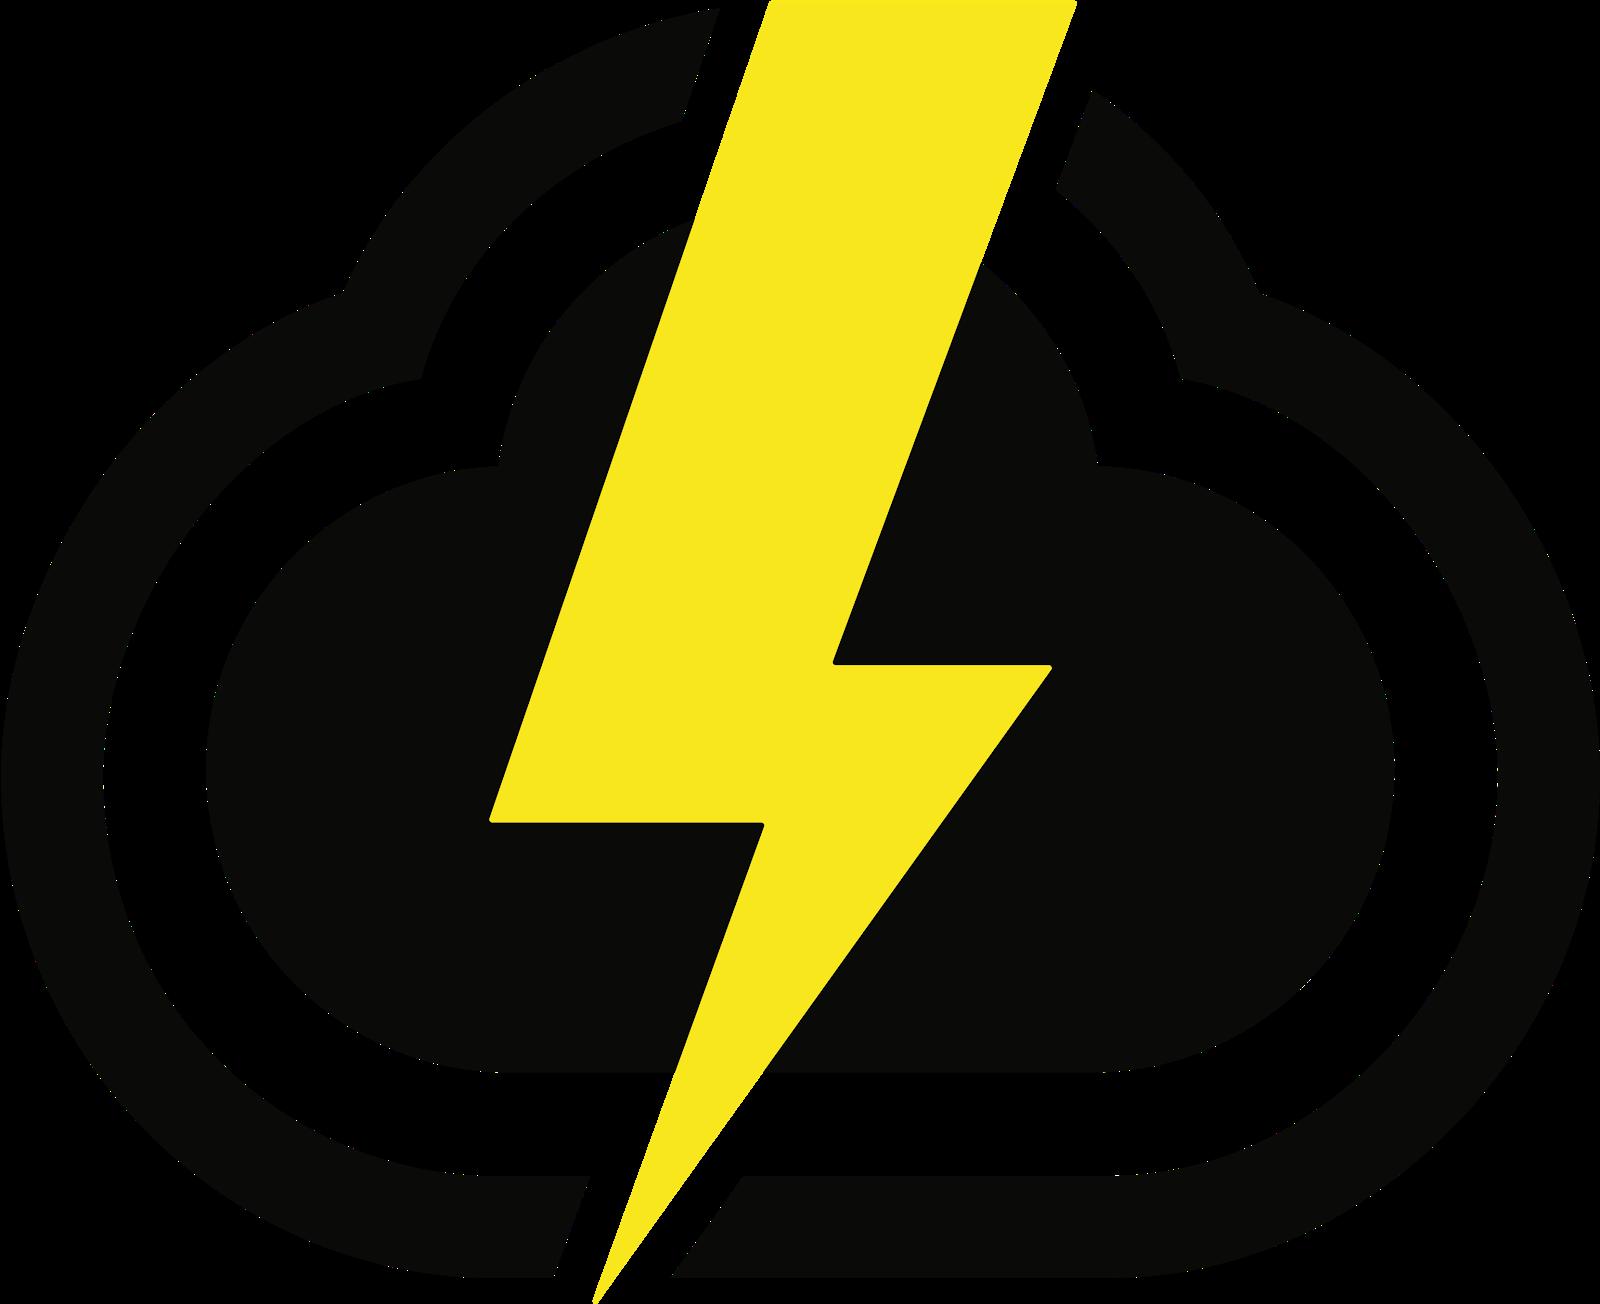 A CloudApp cloud with a lightning bolt going through it